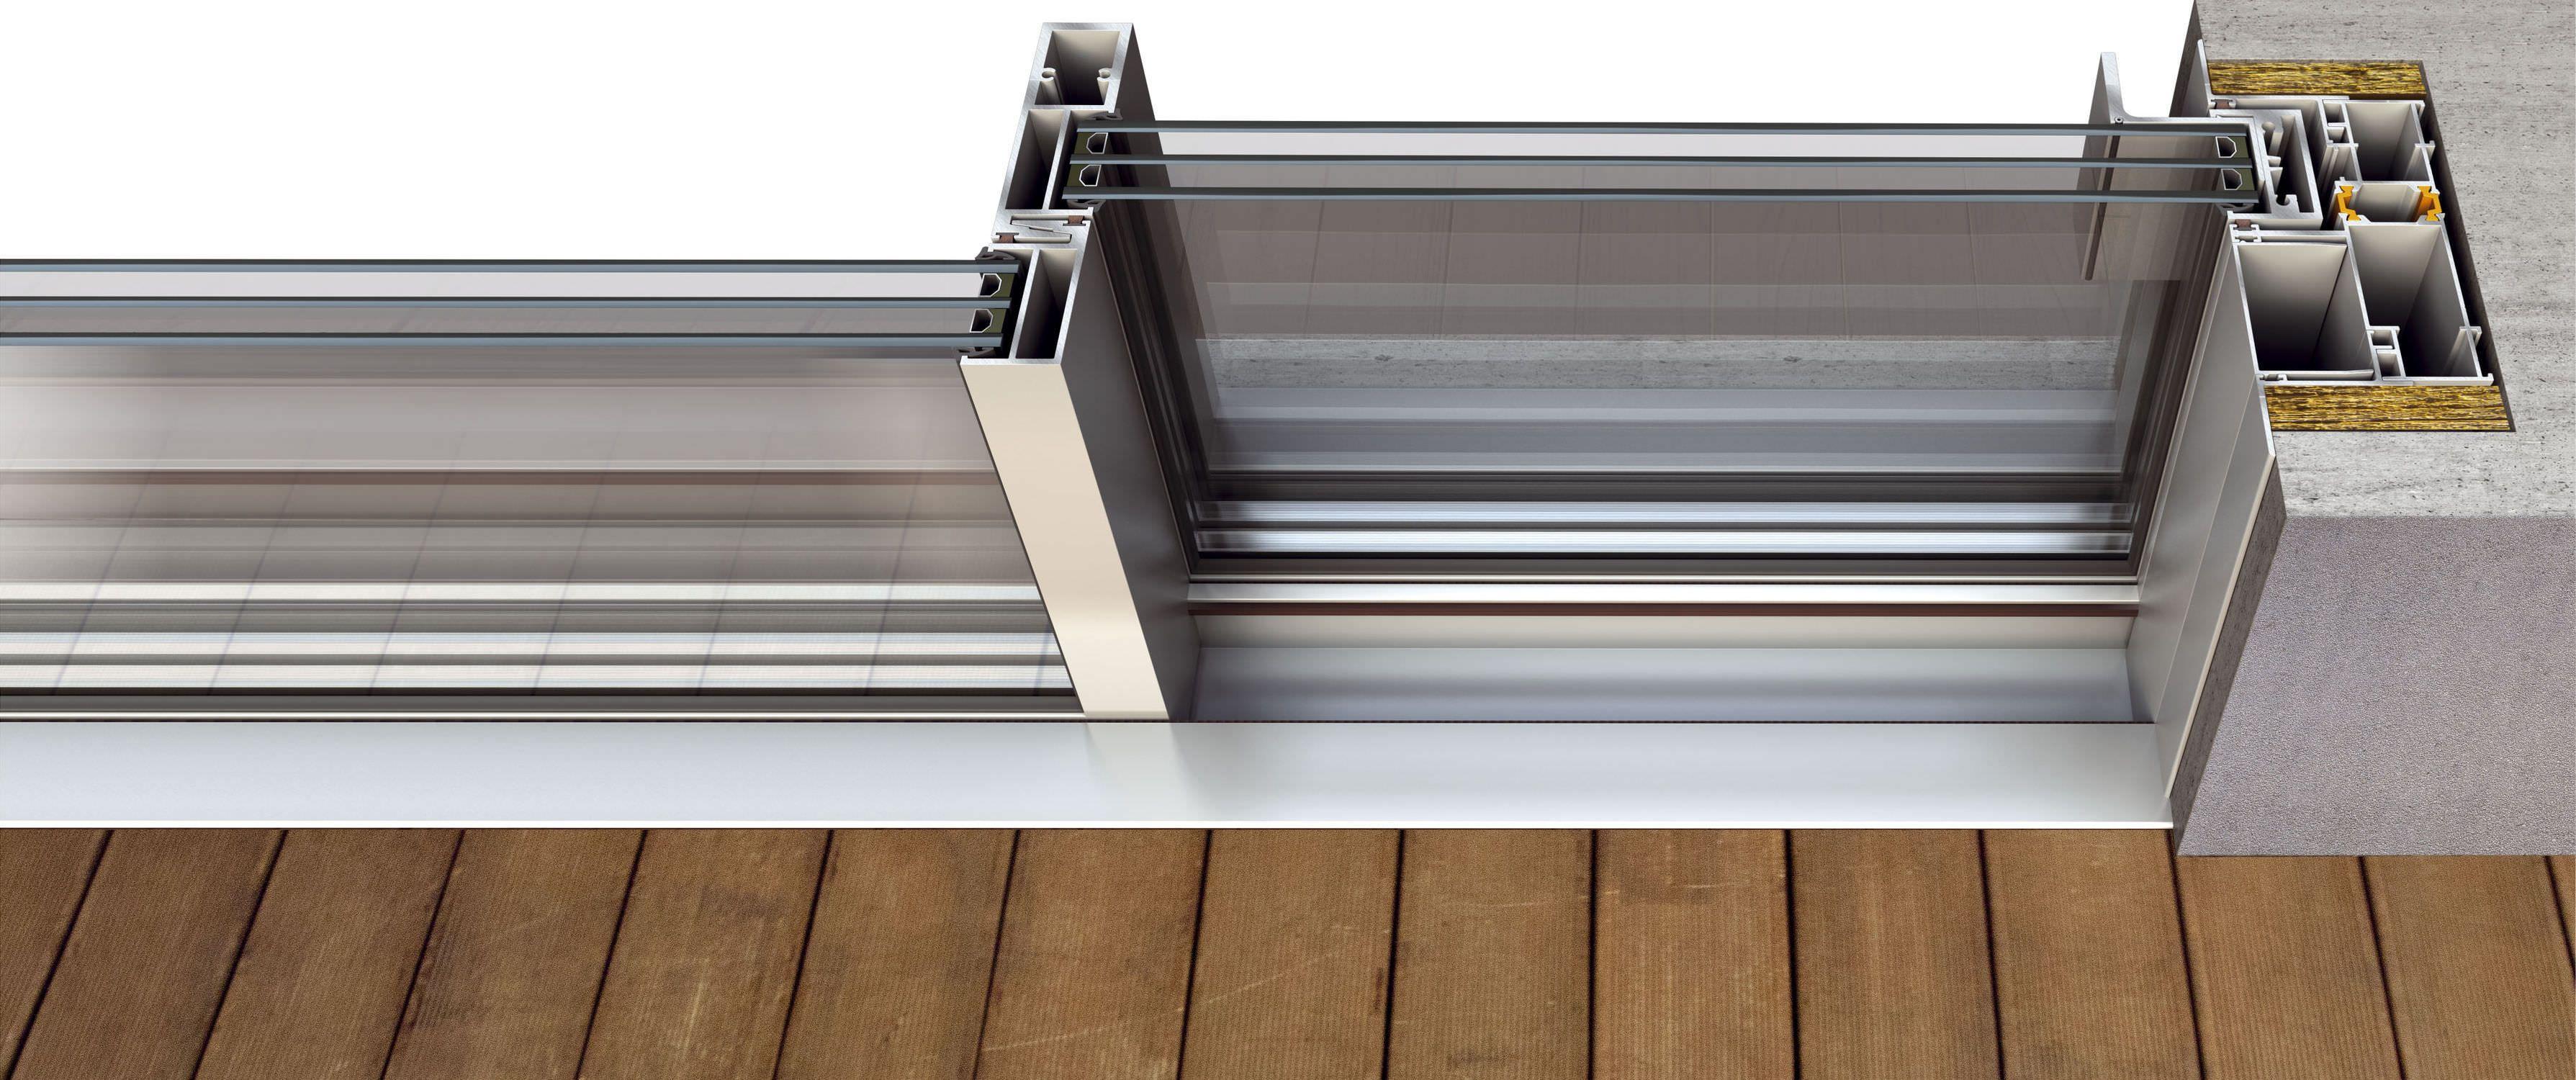 Fluo Concealed Sliding System Aldena Windows And Doors Windows And Doors Sliding Windows Architecture Details